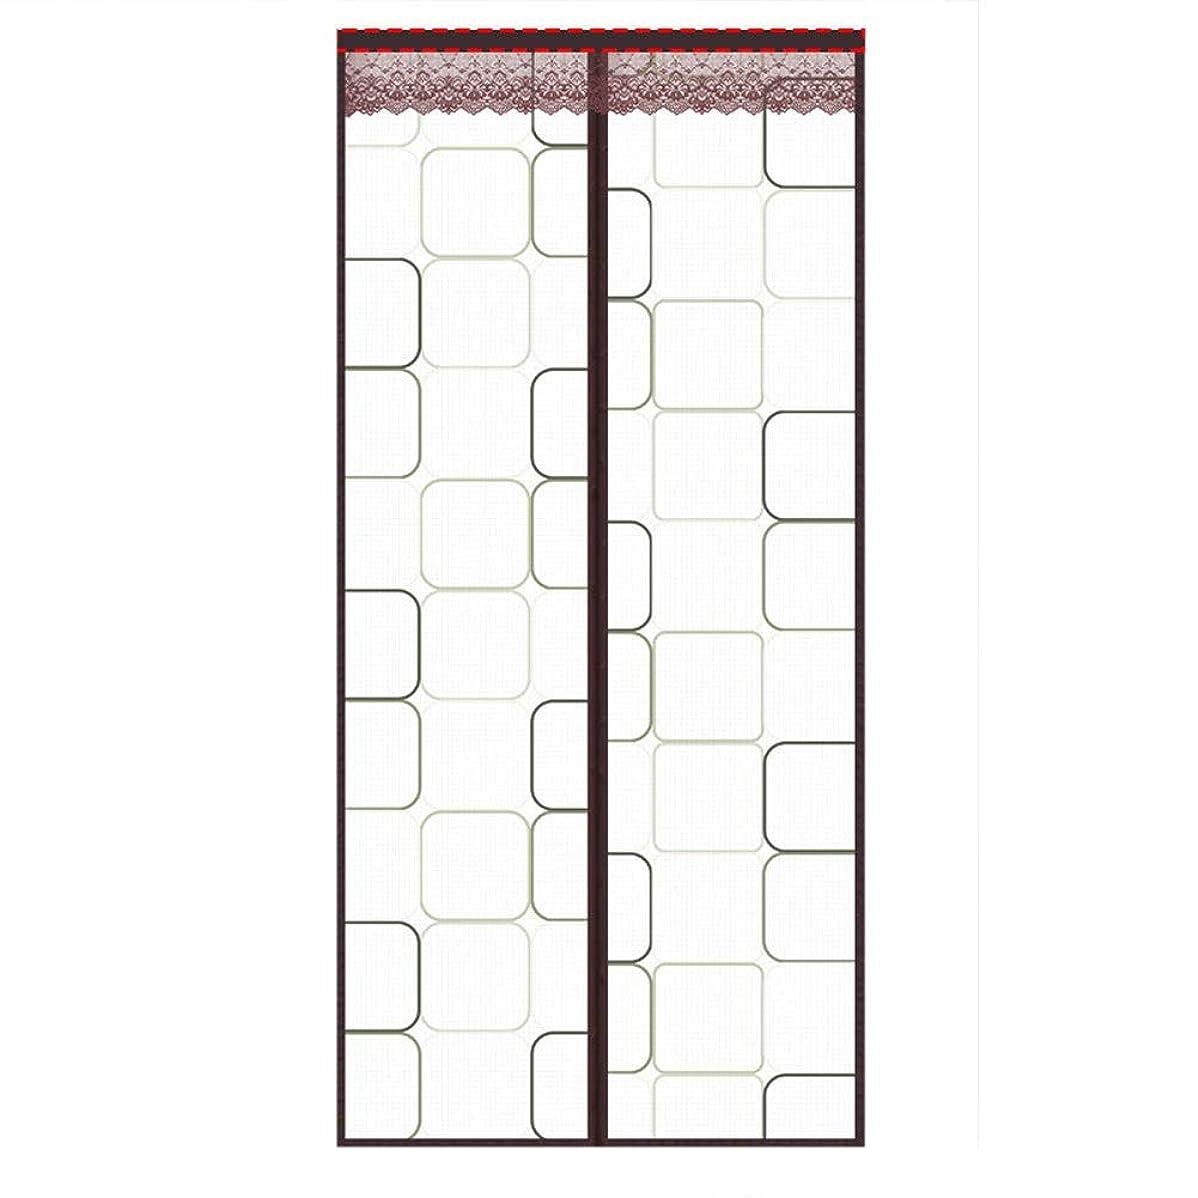 たくさんのゆるいことわざフライスクリーンドア 防虫ドアエアコン気密ドアカーテン防蚊分離ヒューム保温?防風簡単設置隙間なし JFIEHG (色 : E, サイズ : 120x230)